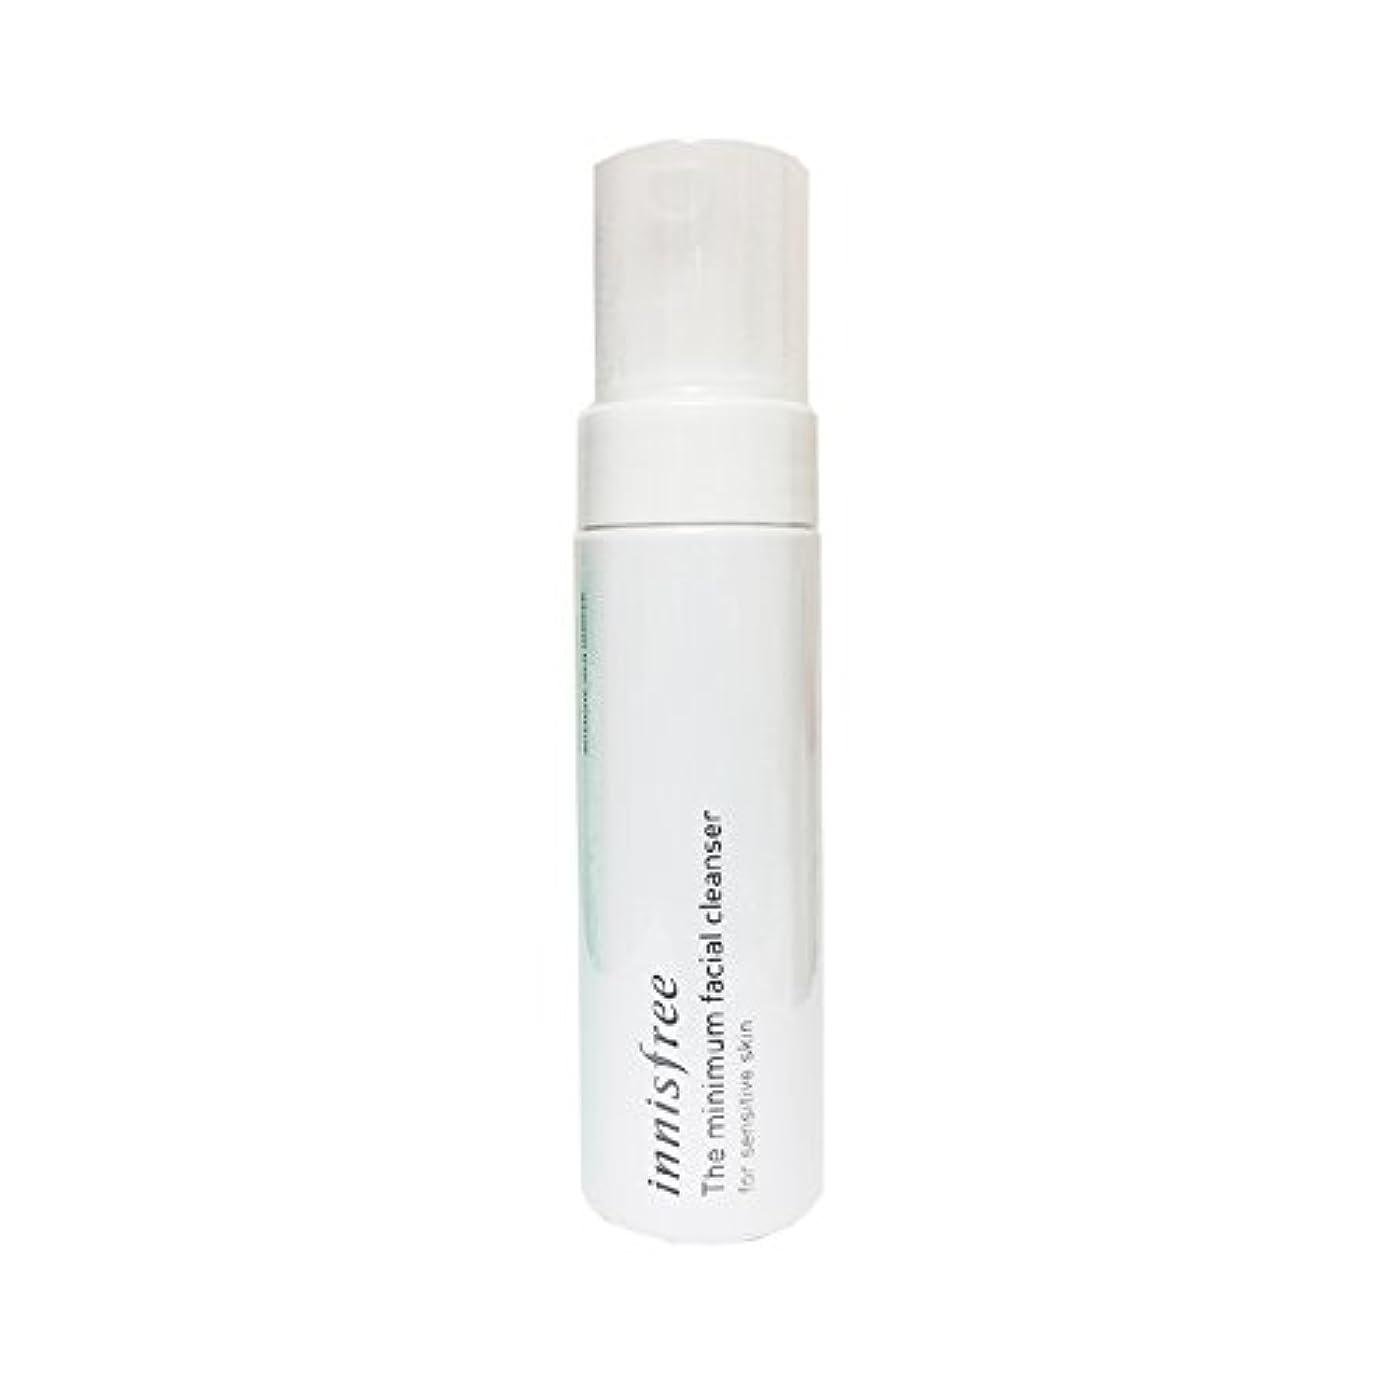 約衝突溶かすイニスフリー Innisfree ザミニマム フェイシャル クレンザー敏感肌用(70ml) Innisfree The Minimum Facial Cleanser For Sensitive Skin(70ml) [...